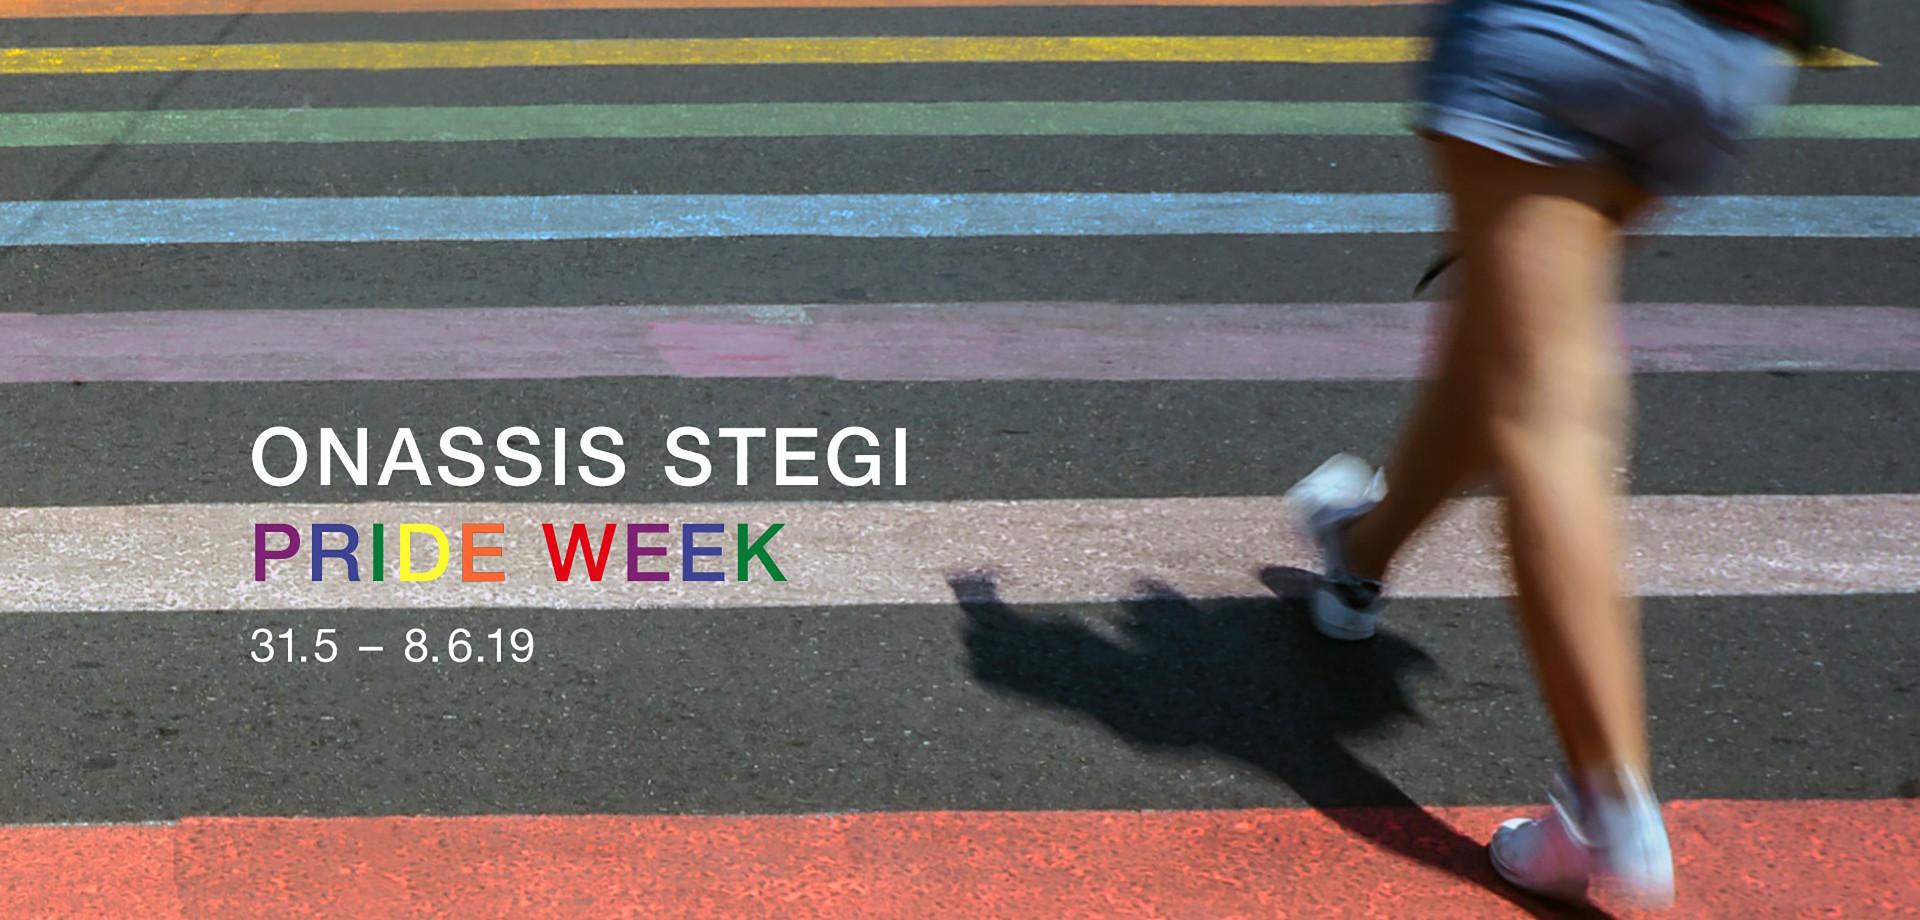 ONASSIS STEGI PRIDE WEEK